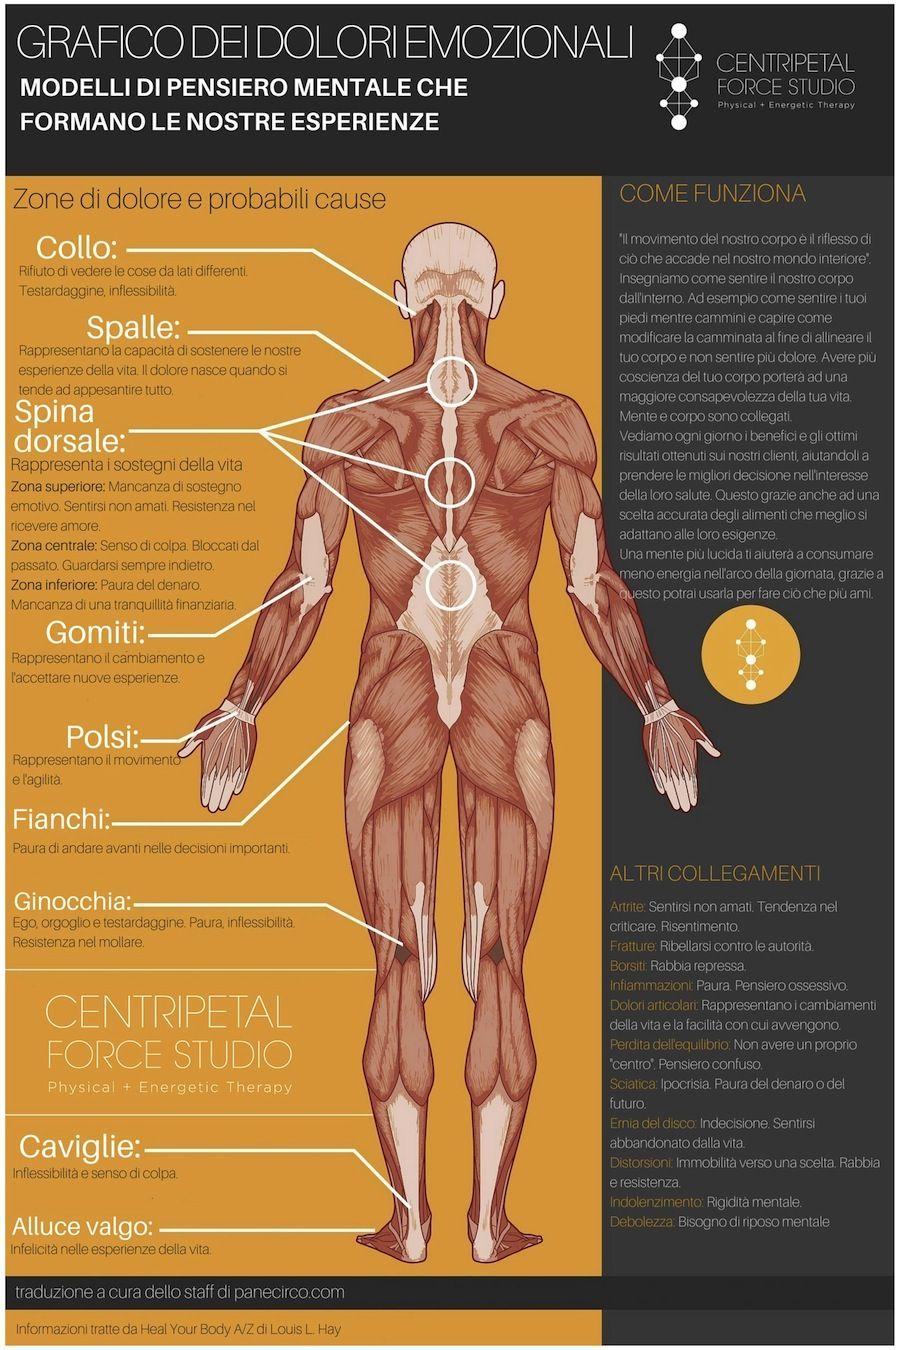 sintomi e emozioni